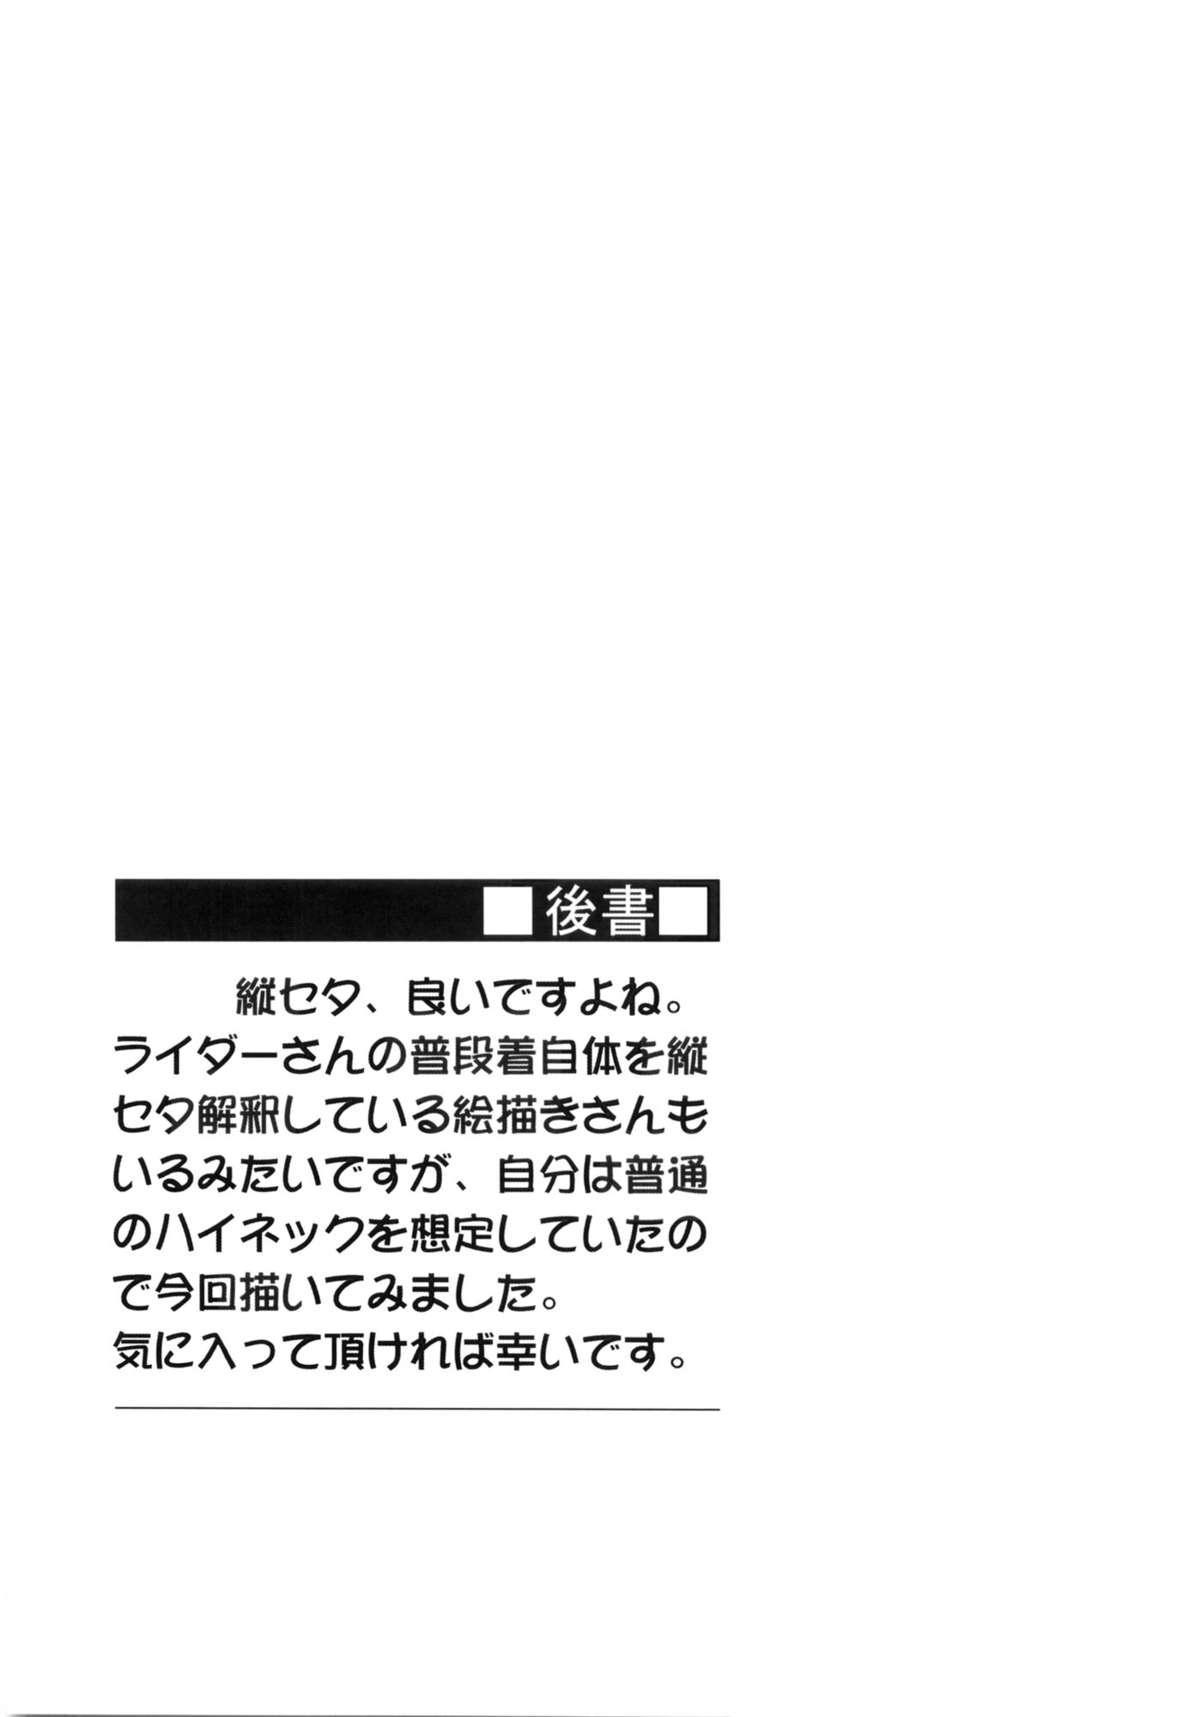 Rider-san to Tate Sweater. 19